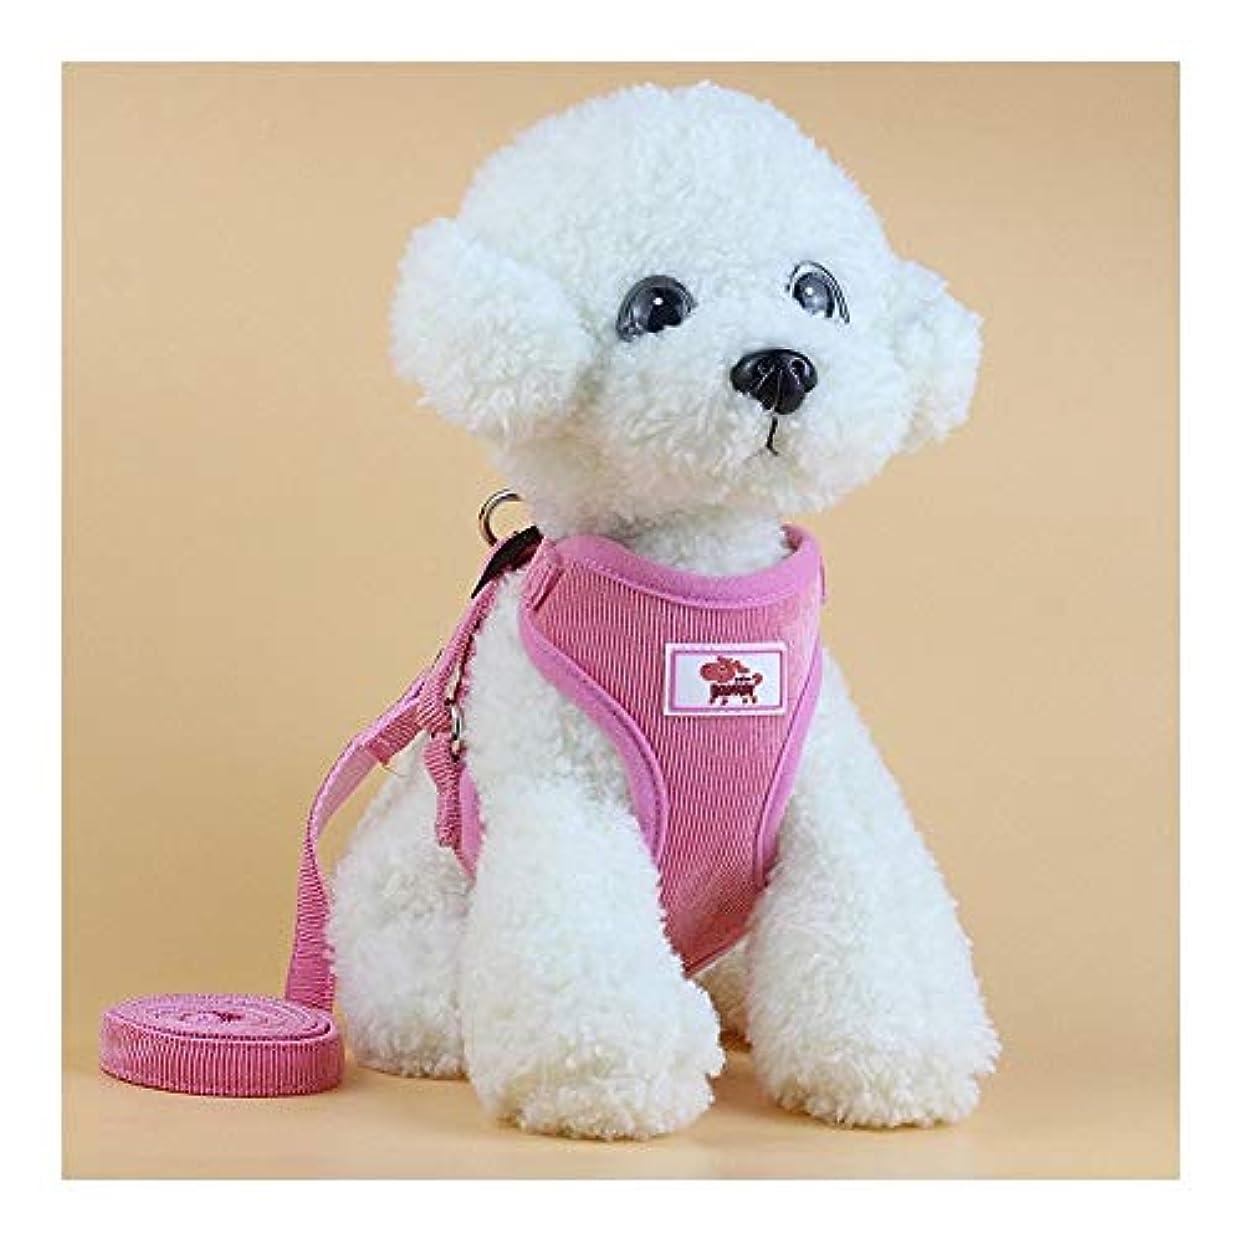 告発者香港安定しましたSportgosto フロントクリップ付きの 犬用ハーネス、トレイルランニング、ウォーキング、ハイキング、終日着用 (色 : ピンク)